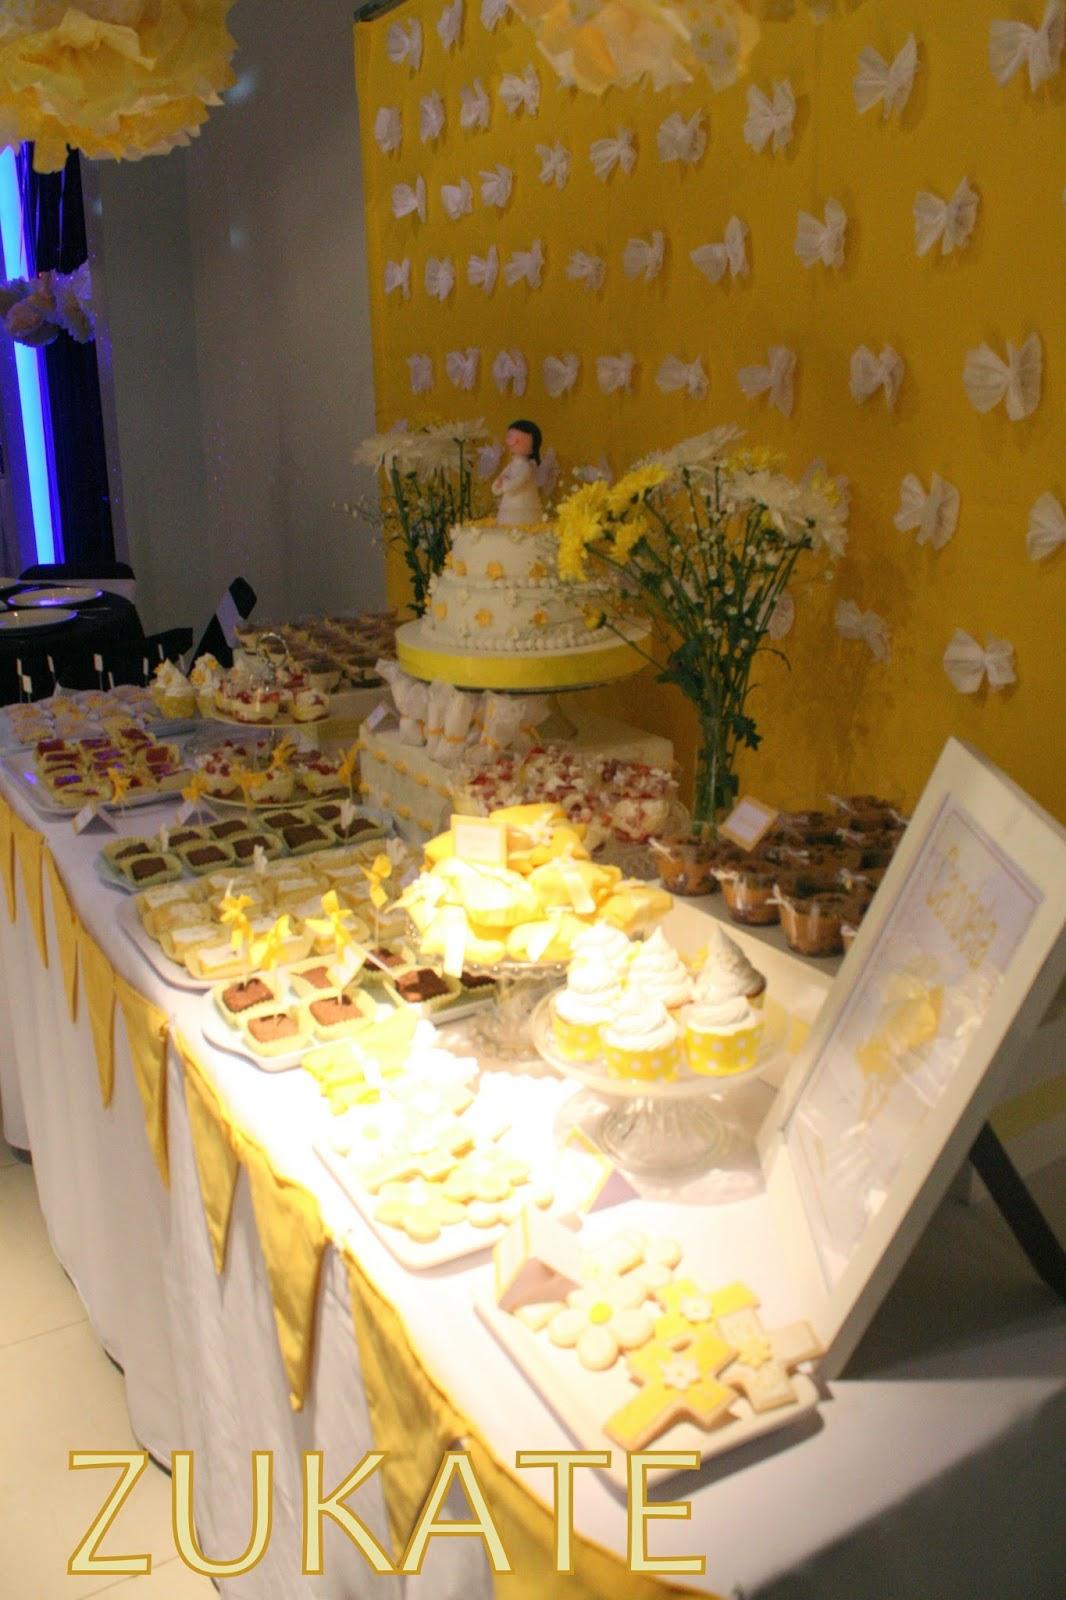 Fiesta de primera comuni n para candela zukate - Mesas decoradas para comunion ...